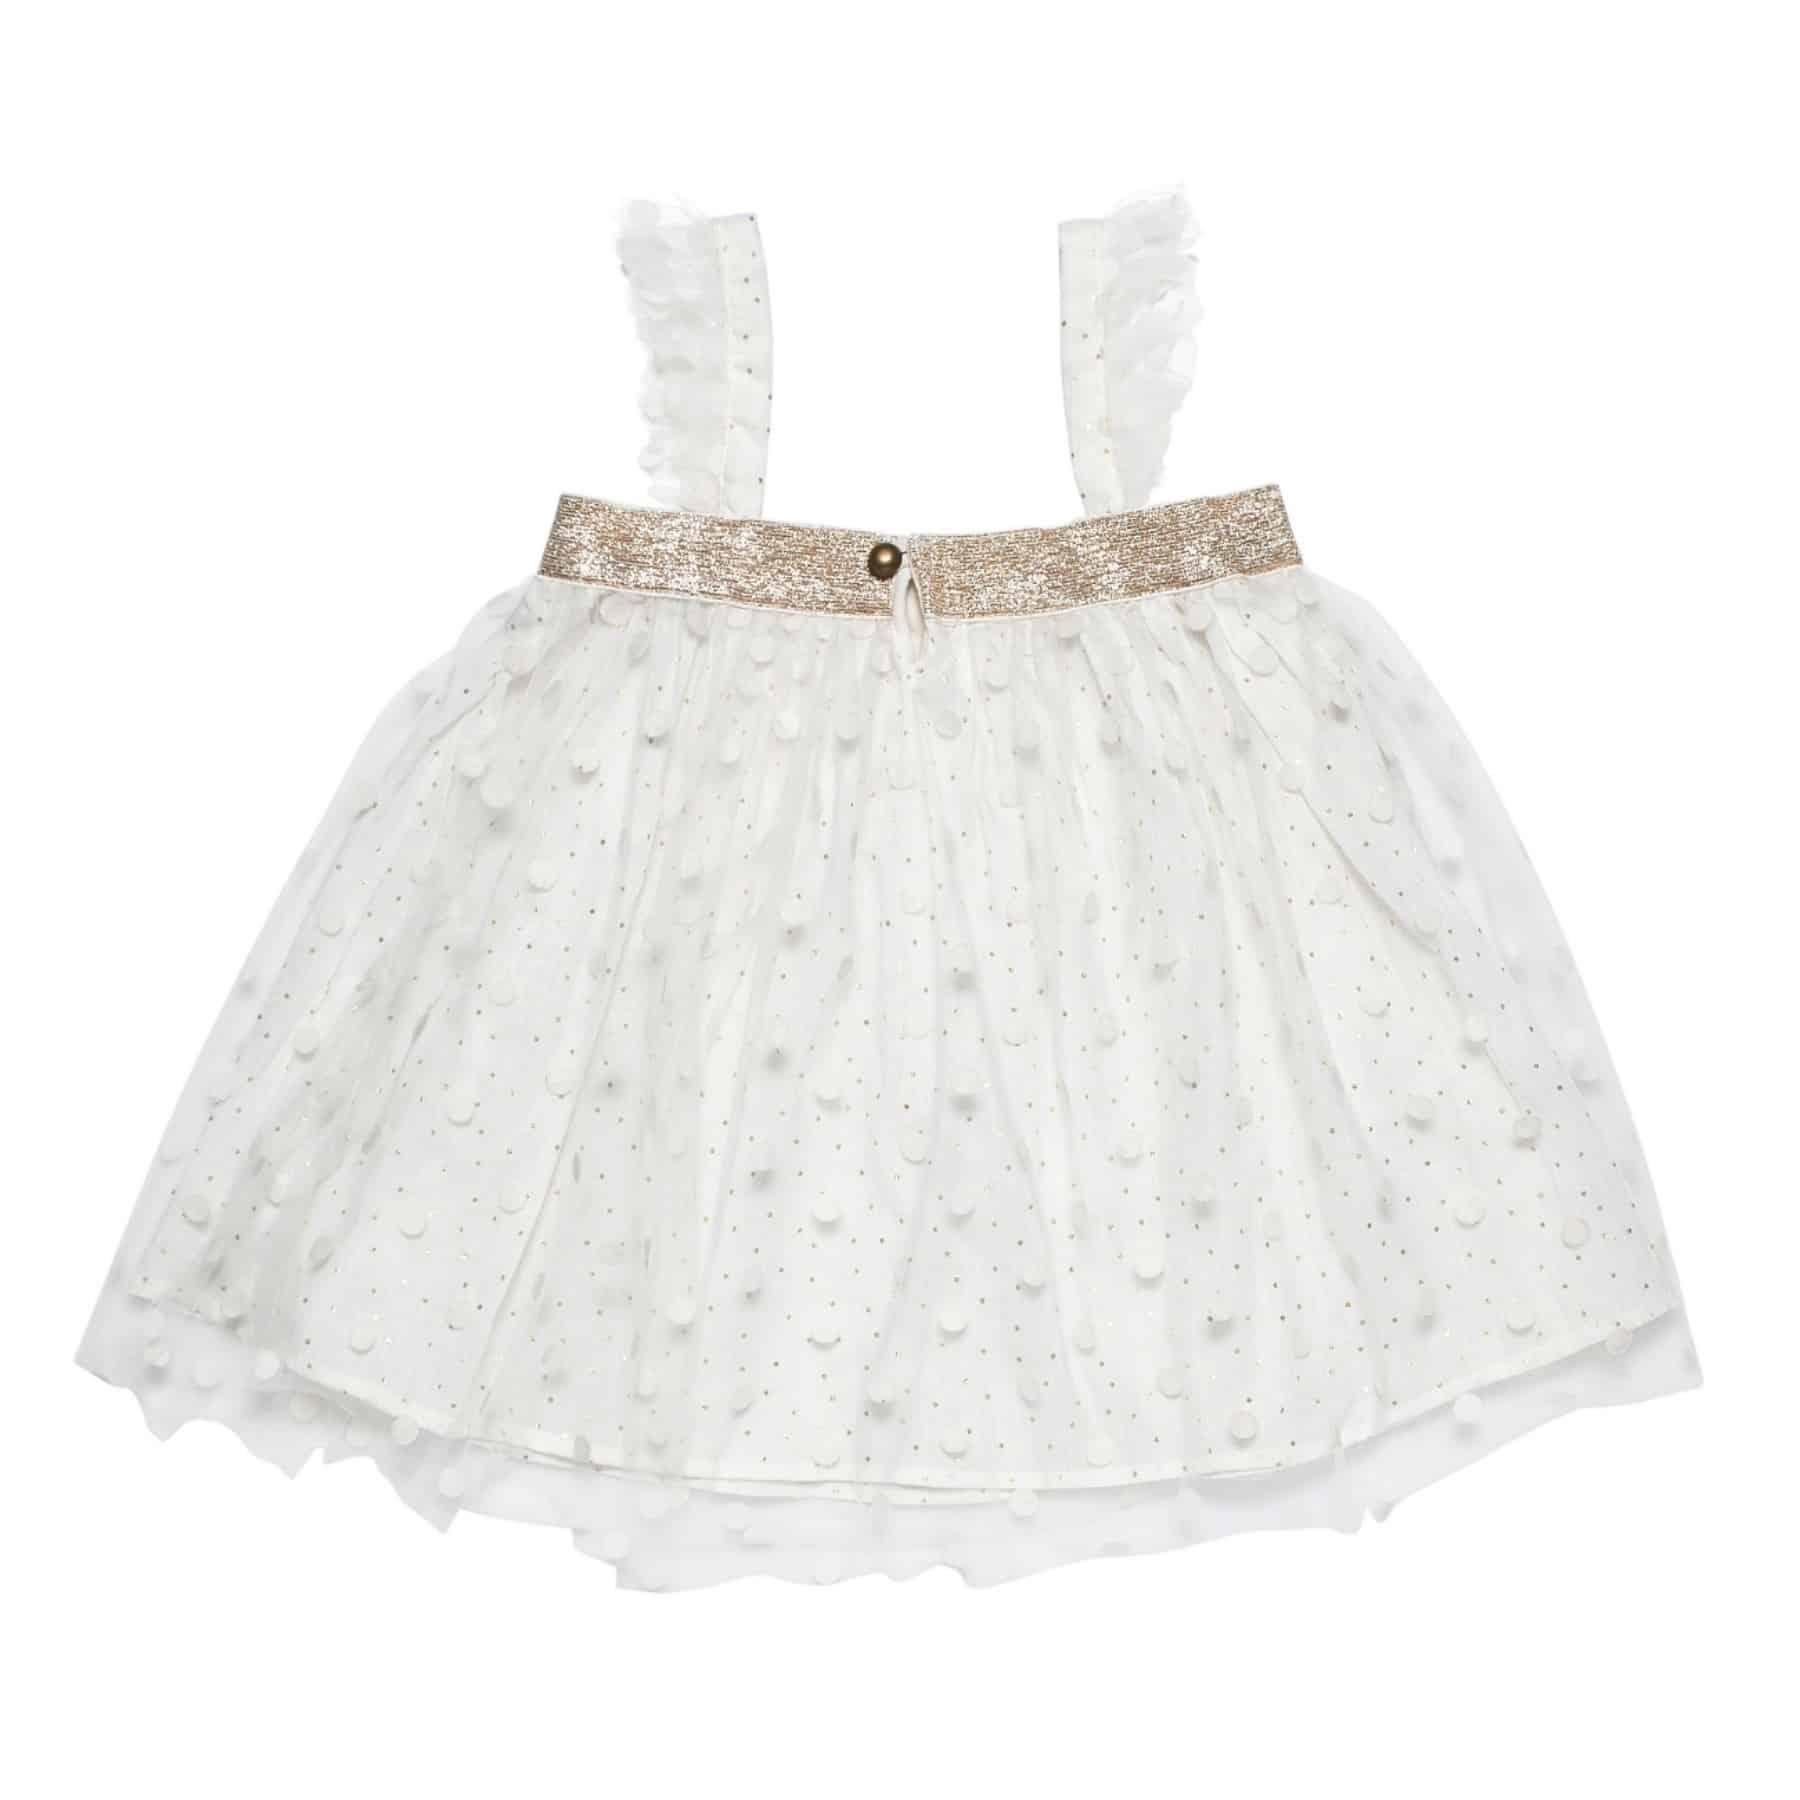 Blouse de cérémonie en tulle blanche et or avec col carré et manches à volants en tulle pour petites filles de 2 à 14 ans